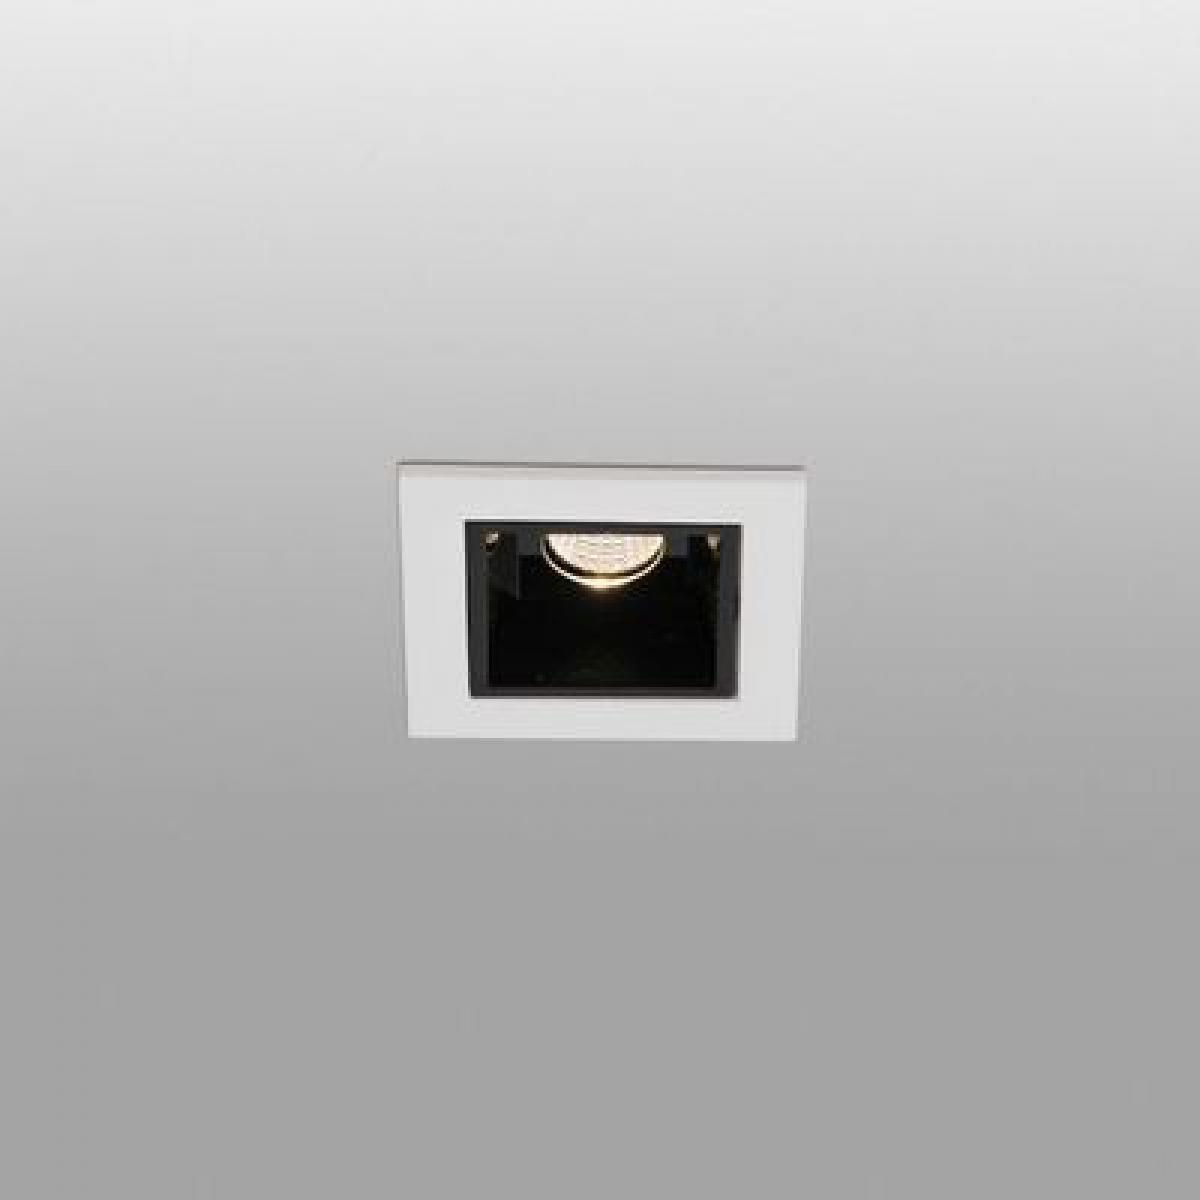 Faro Encastrable Troop Blanc 1x2W LED